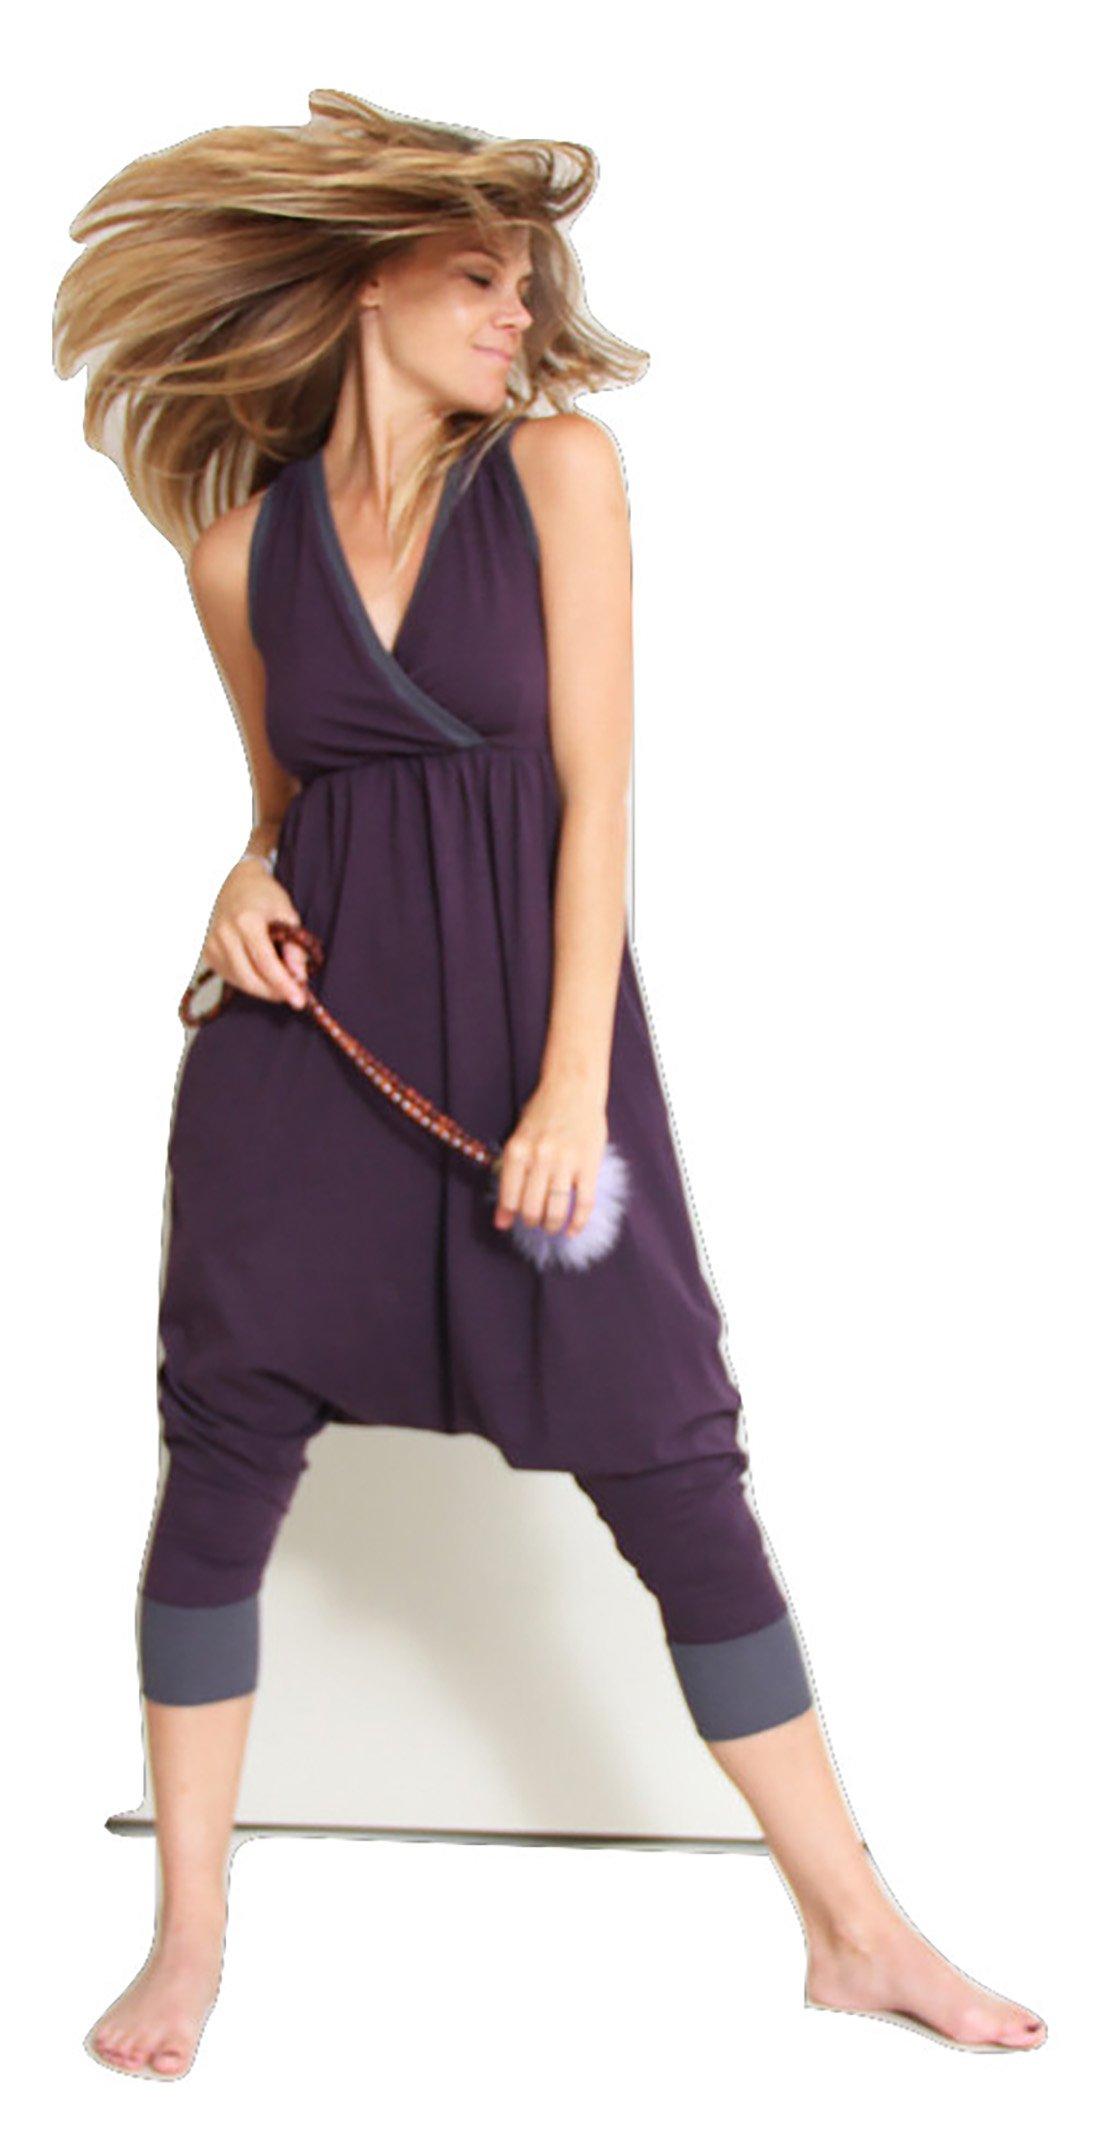 Prancing Leopard Harem Style Jumpsuit ''AIX EN PROVENCE'' in Organic Cotton - S - Plum Purple